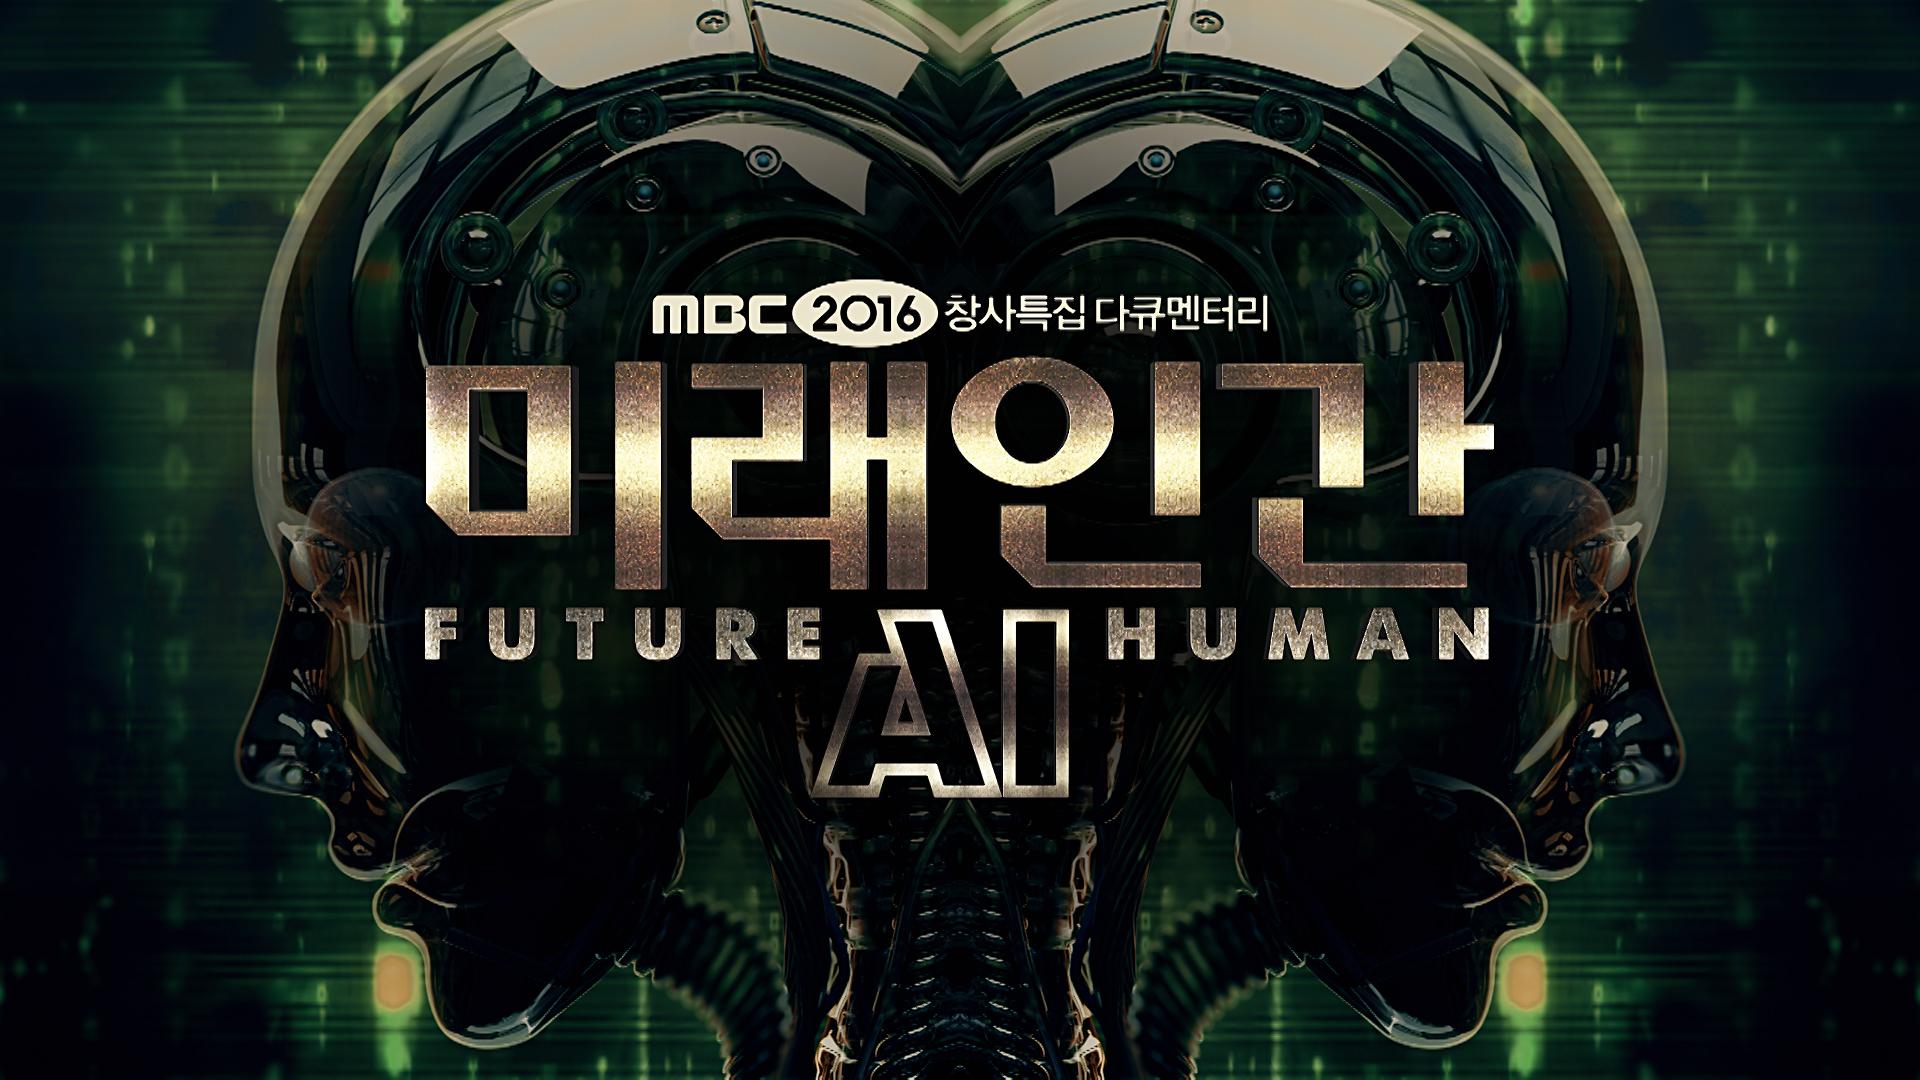 MBC 창사특집 다큐 〈미래인간AI〉 '프리 이탈리아' SIGNIS 특별상 수상